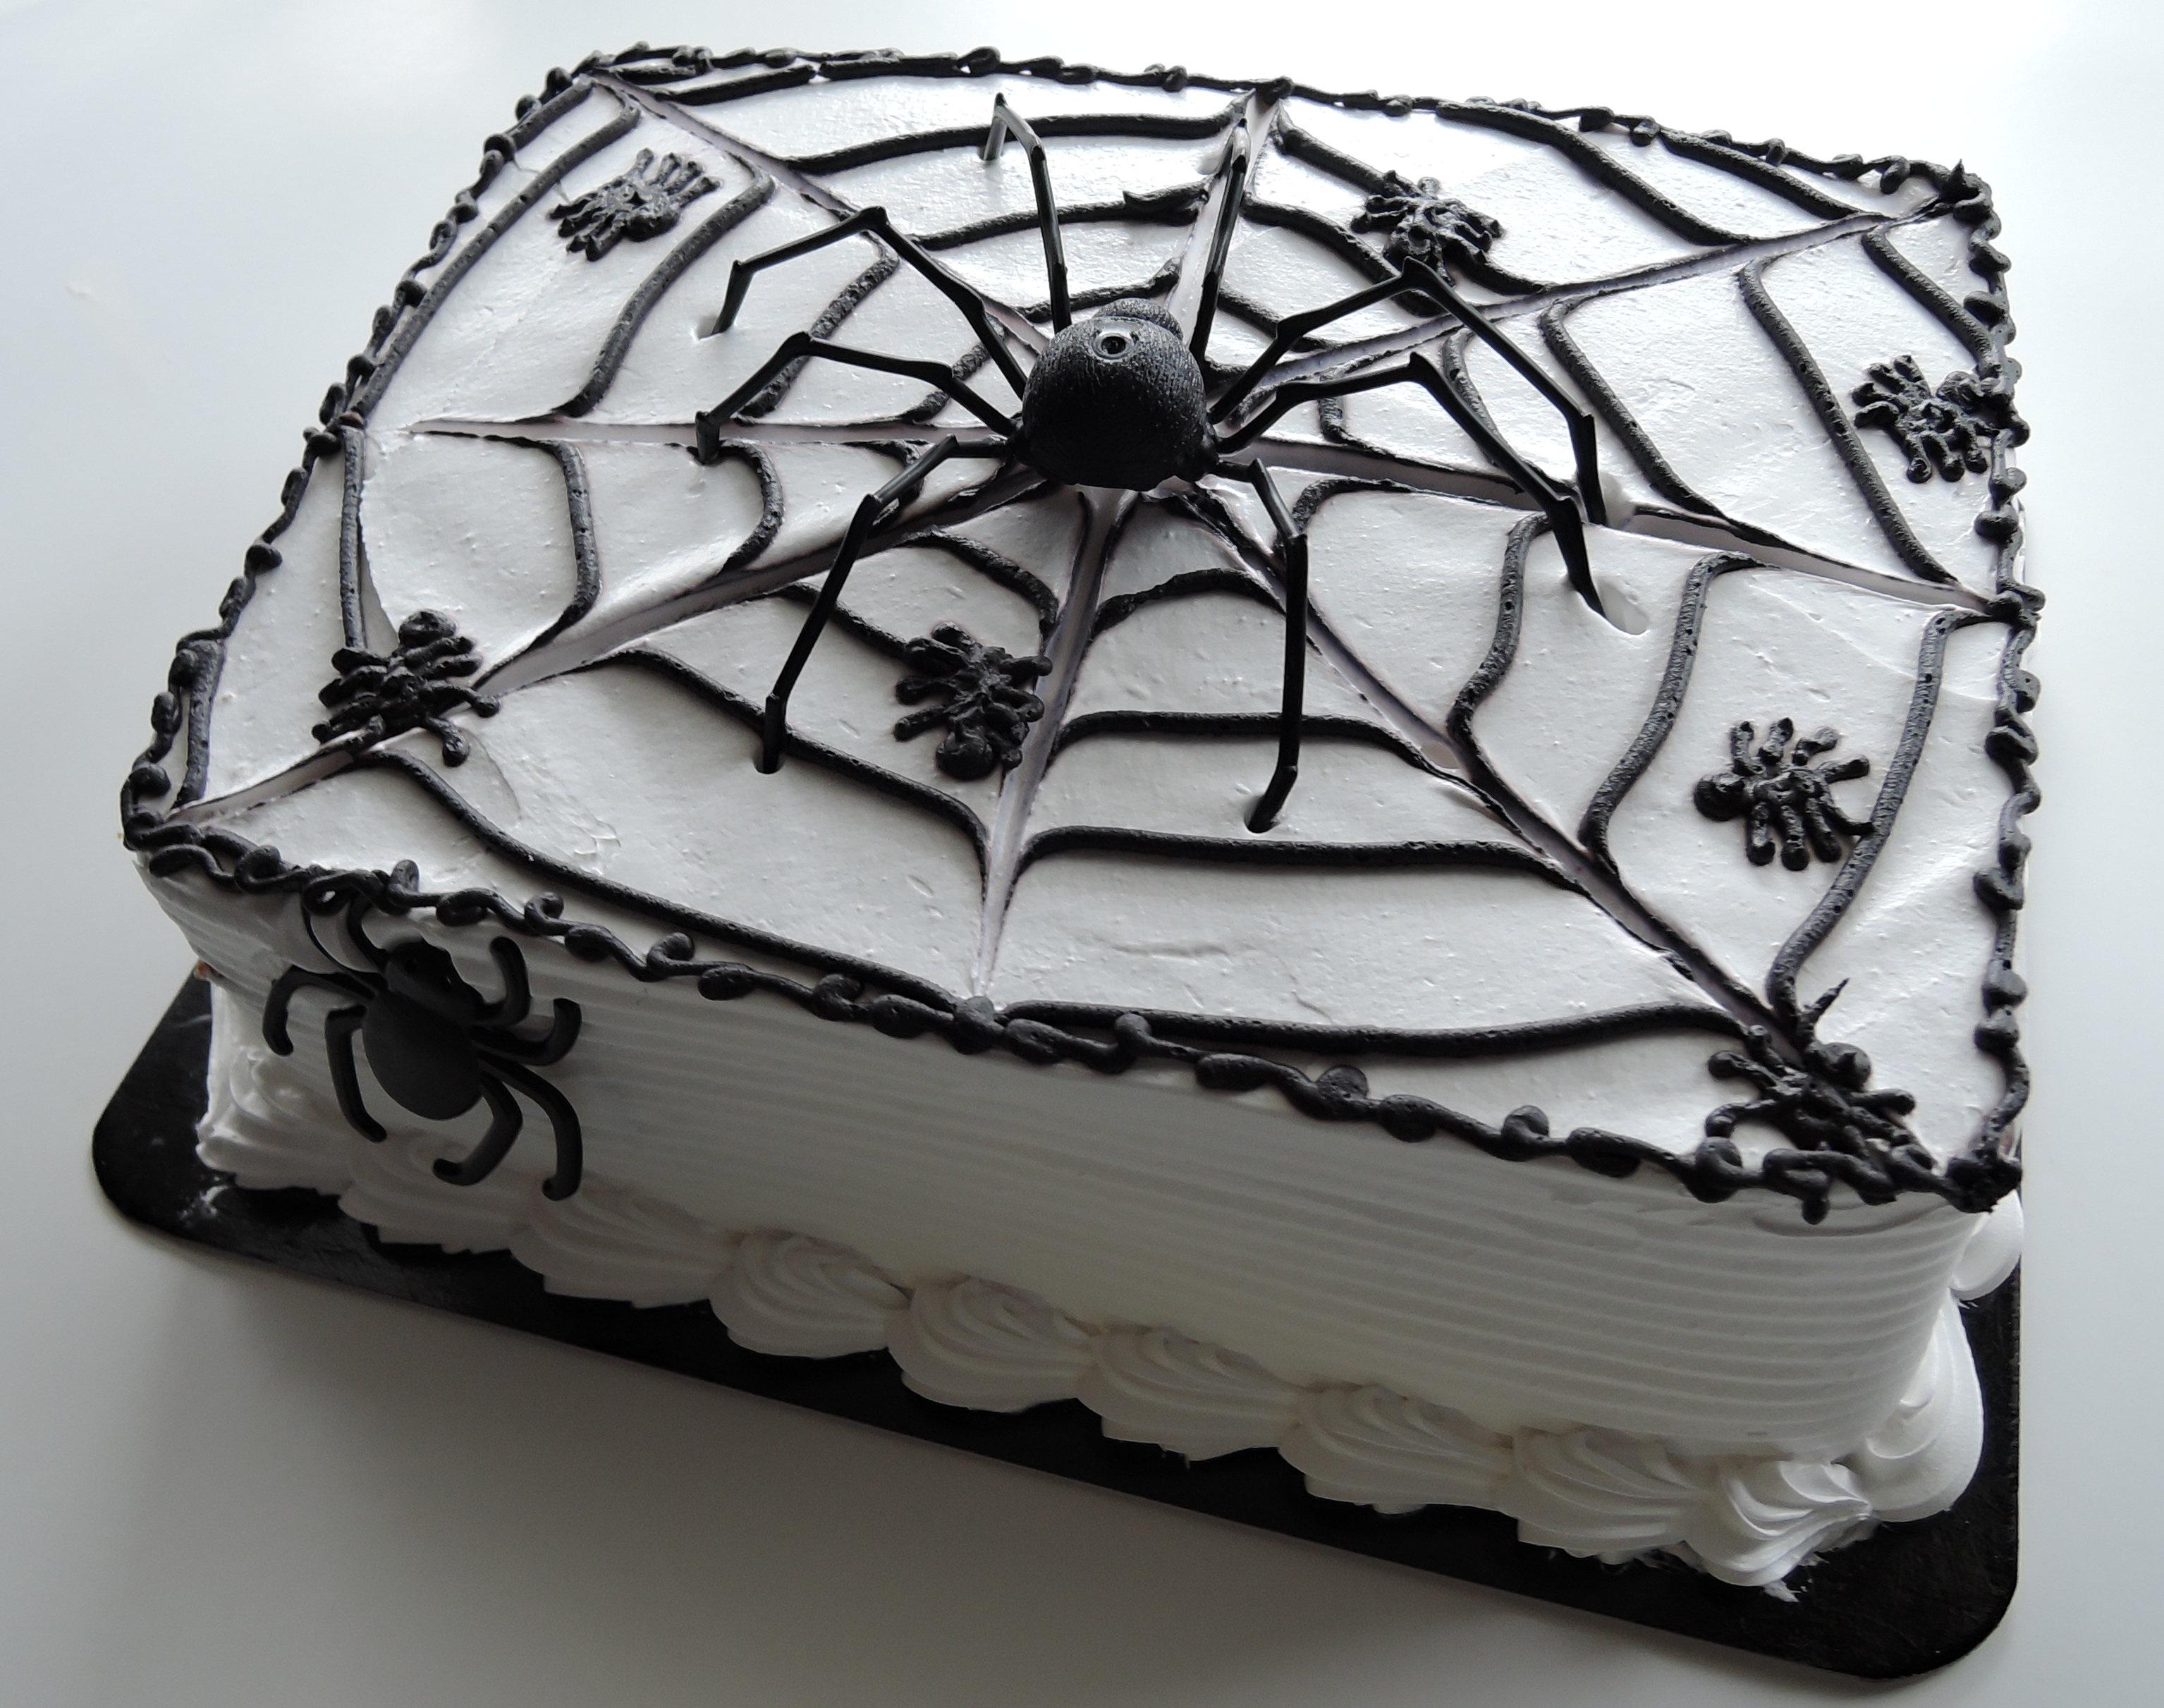 Wondrous Free Images Web Food Dessert Birthday Cake Chocolate Cake Funny Birthday Cards Online Inifofree Goldxyz